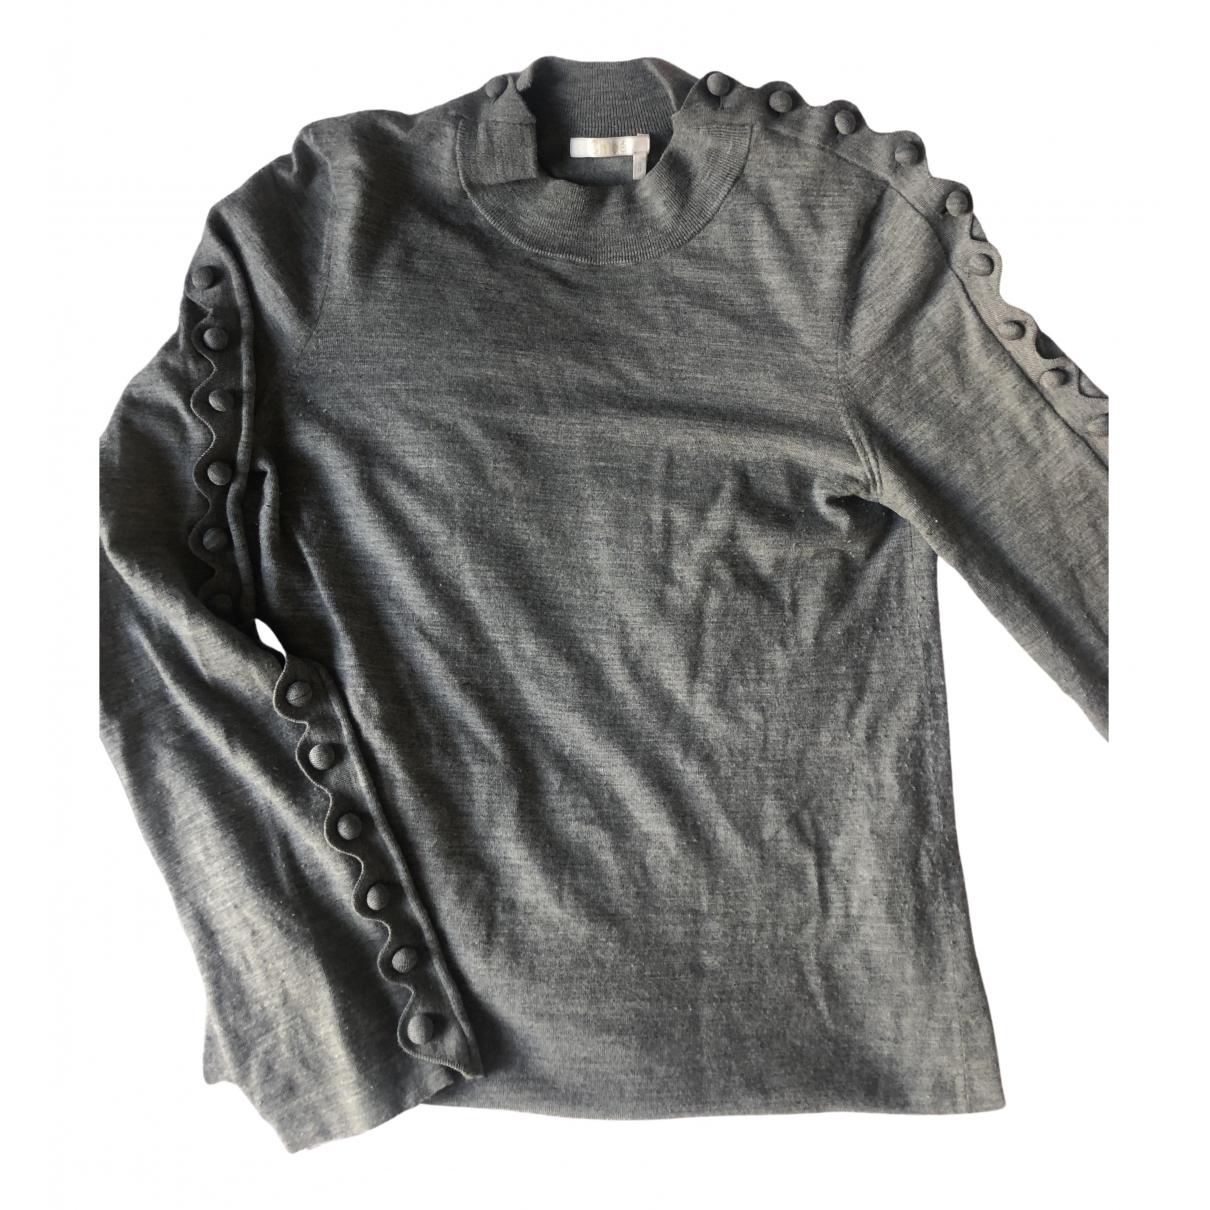 Chloé N Grey Wool Knitwear for Women S International